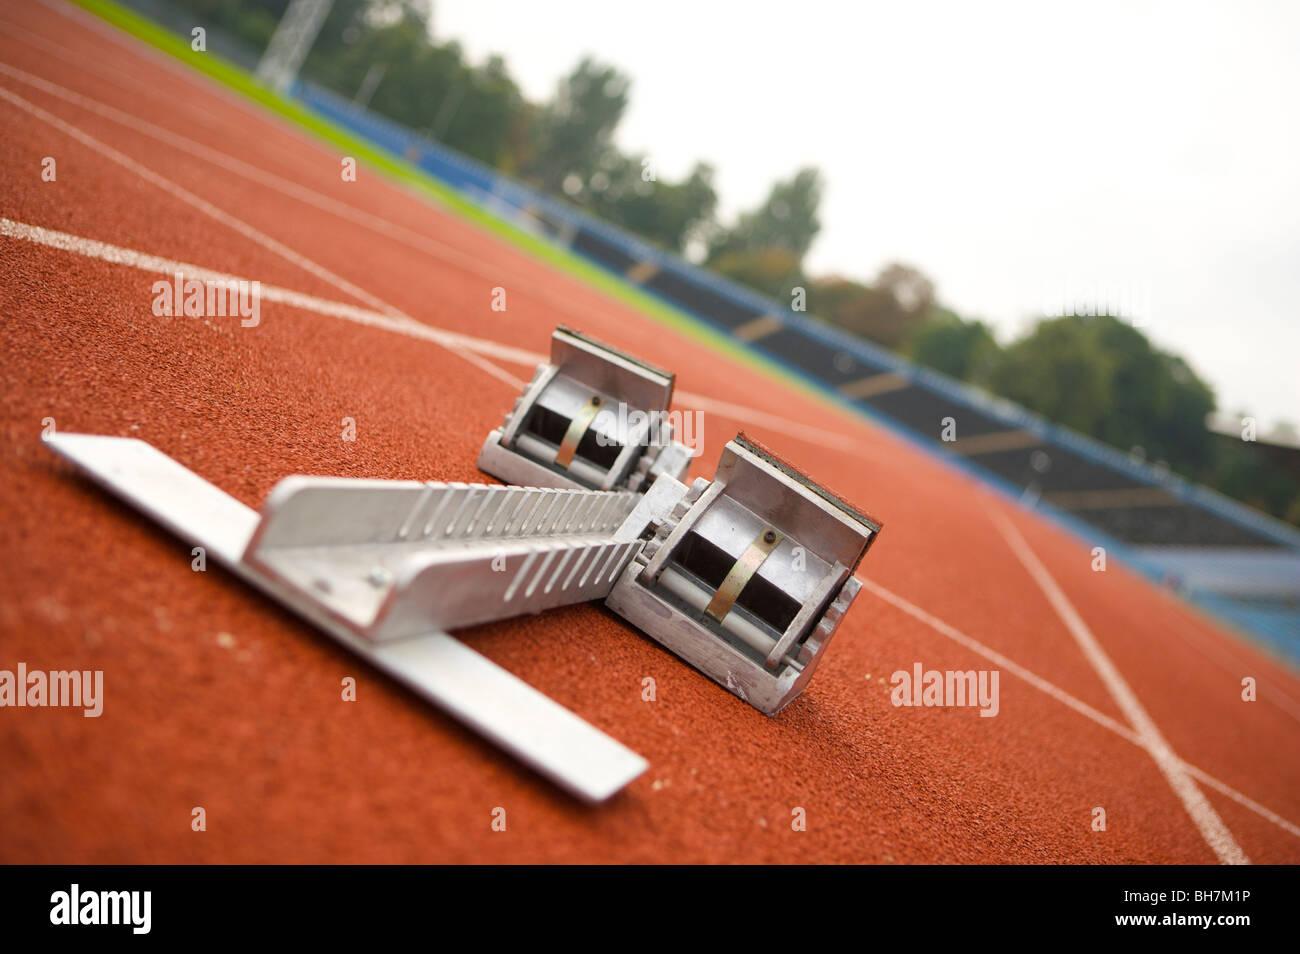 Juegos Olímpicos de Londres 2012, correr, pista, carriles, atletismo, deportes, tierra 1, número, en primer Imagen De Stock